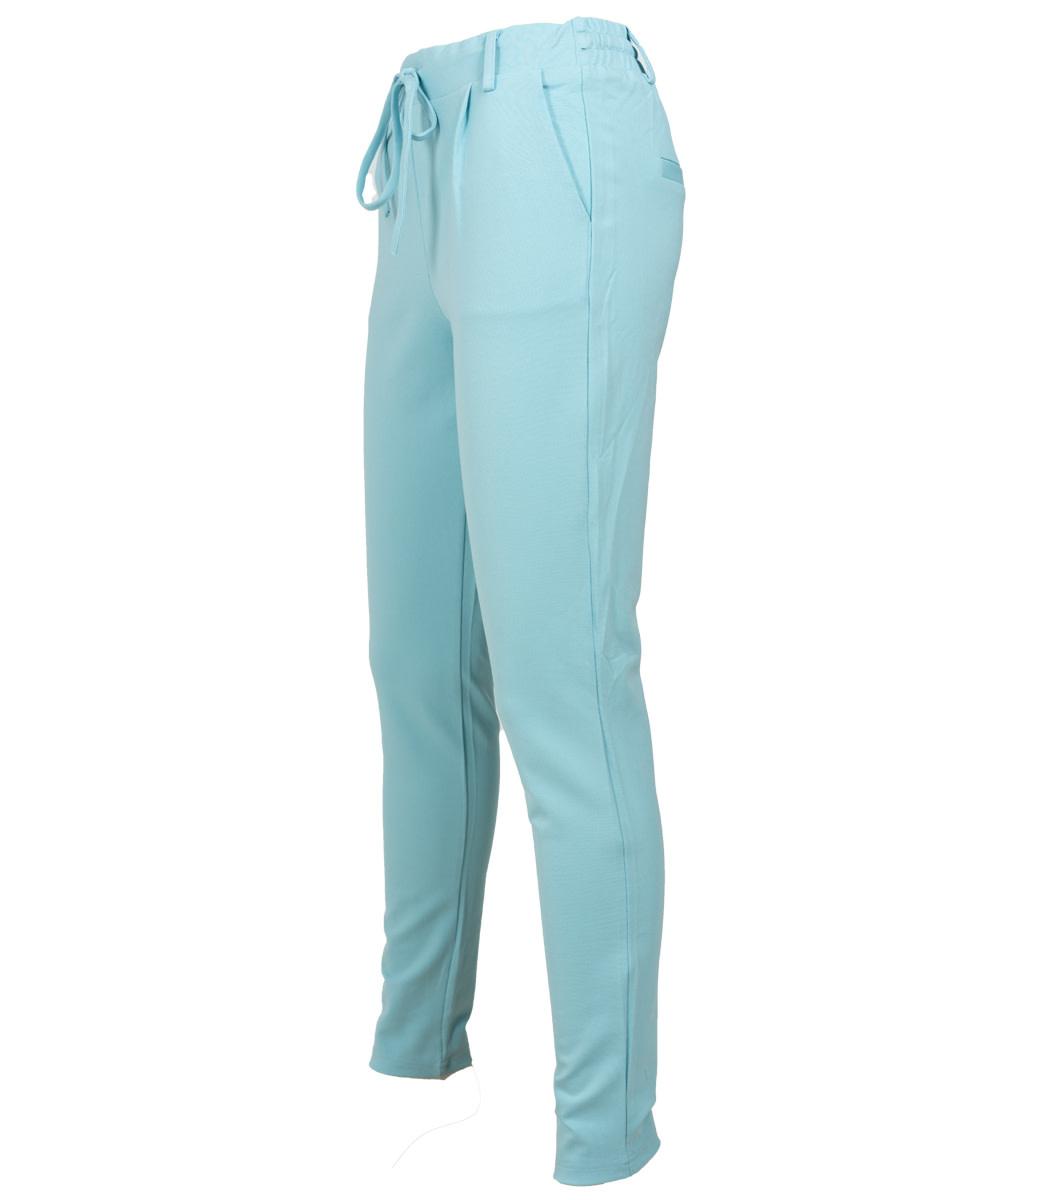 Rebelz Collection Pantalon lichtblauw Frannie